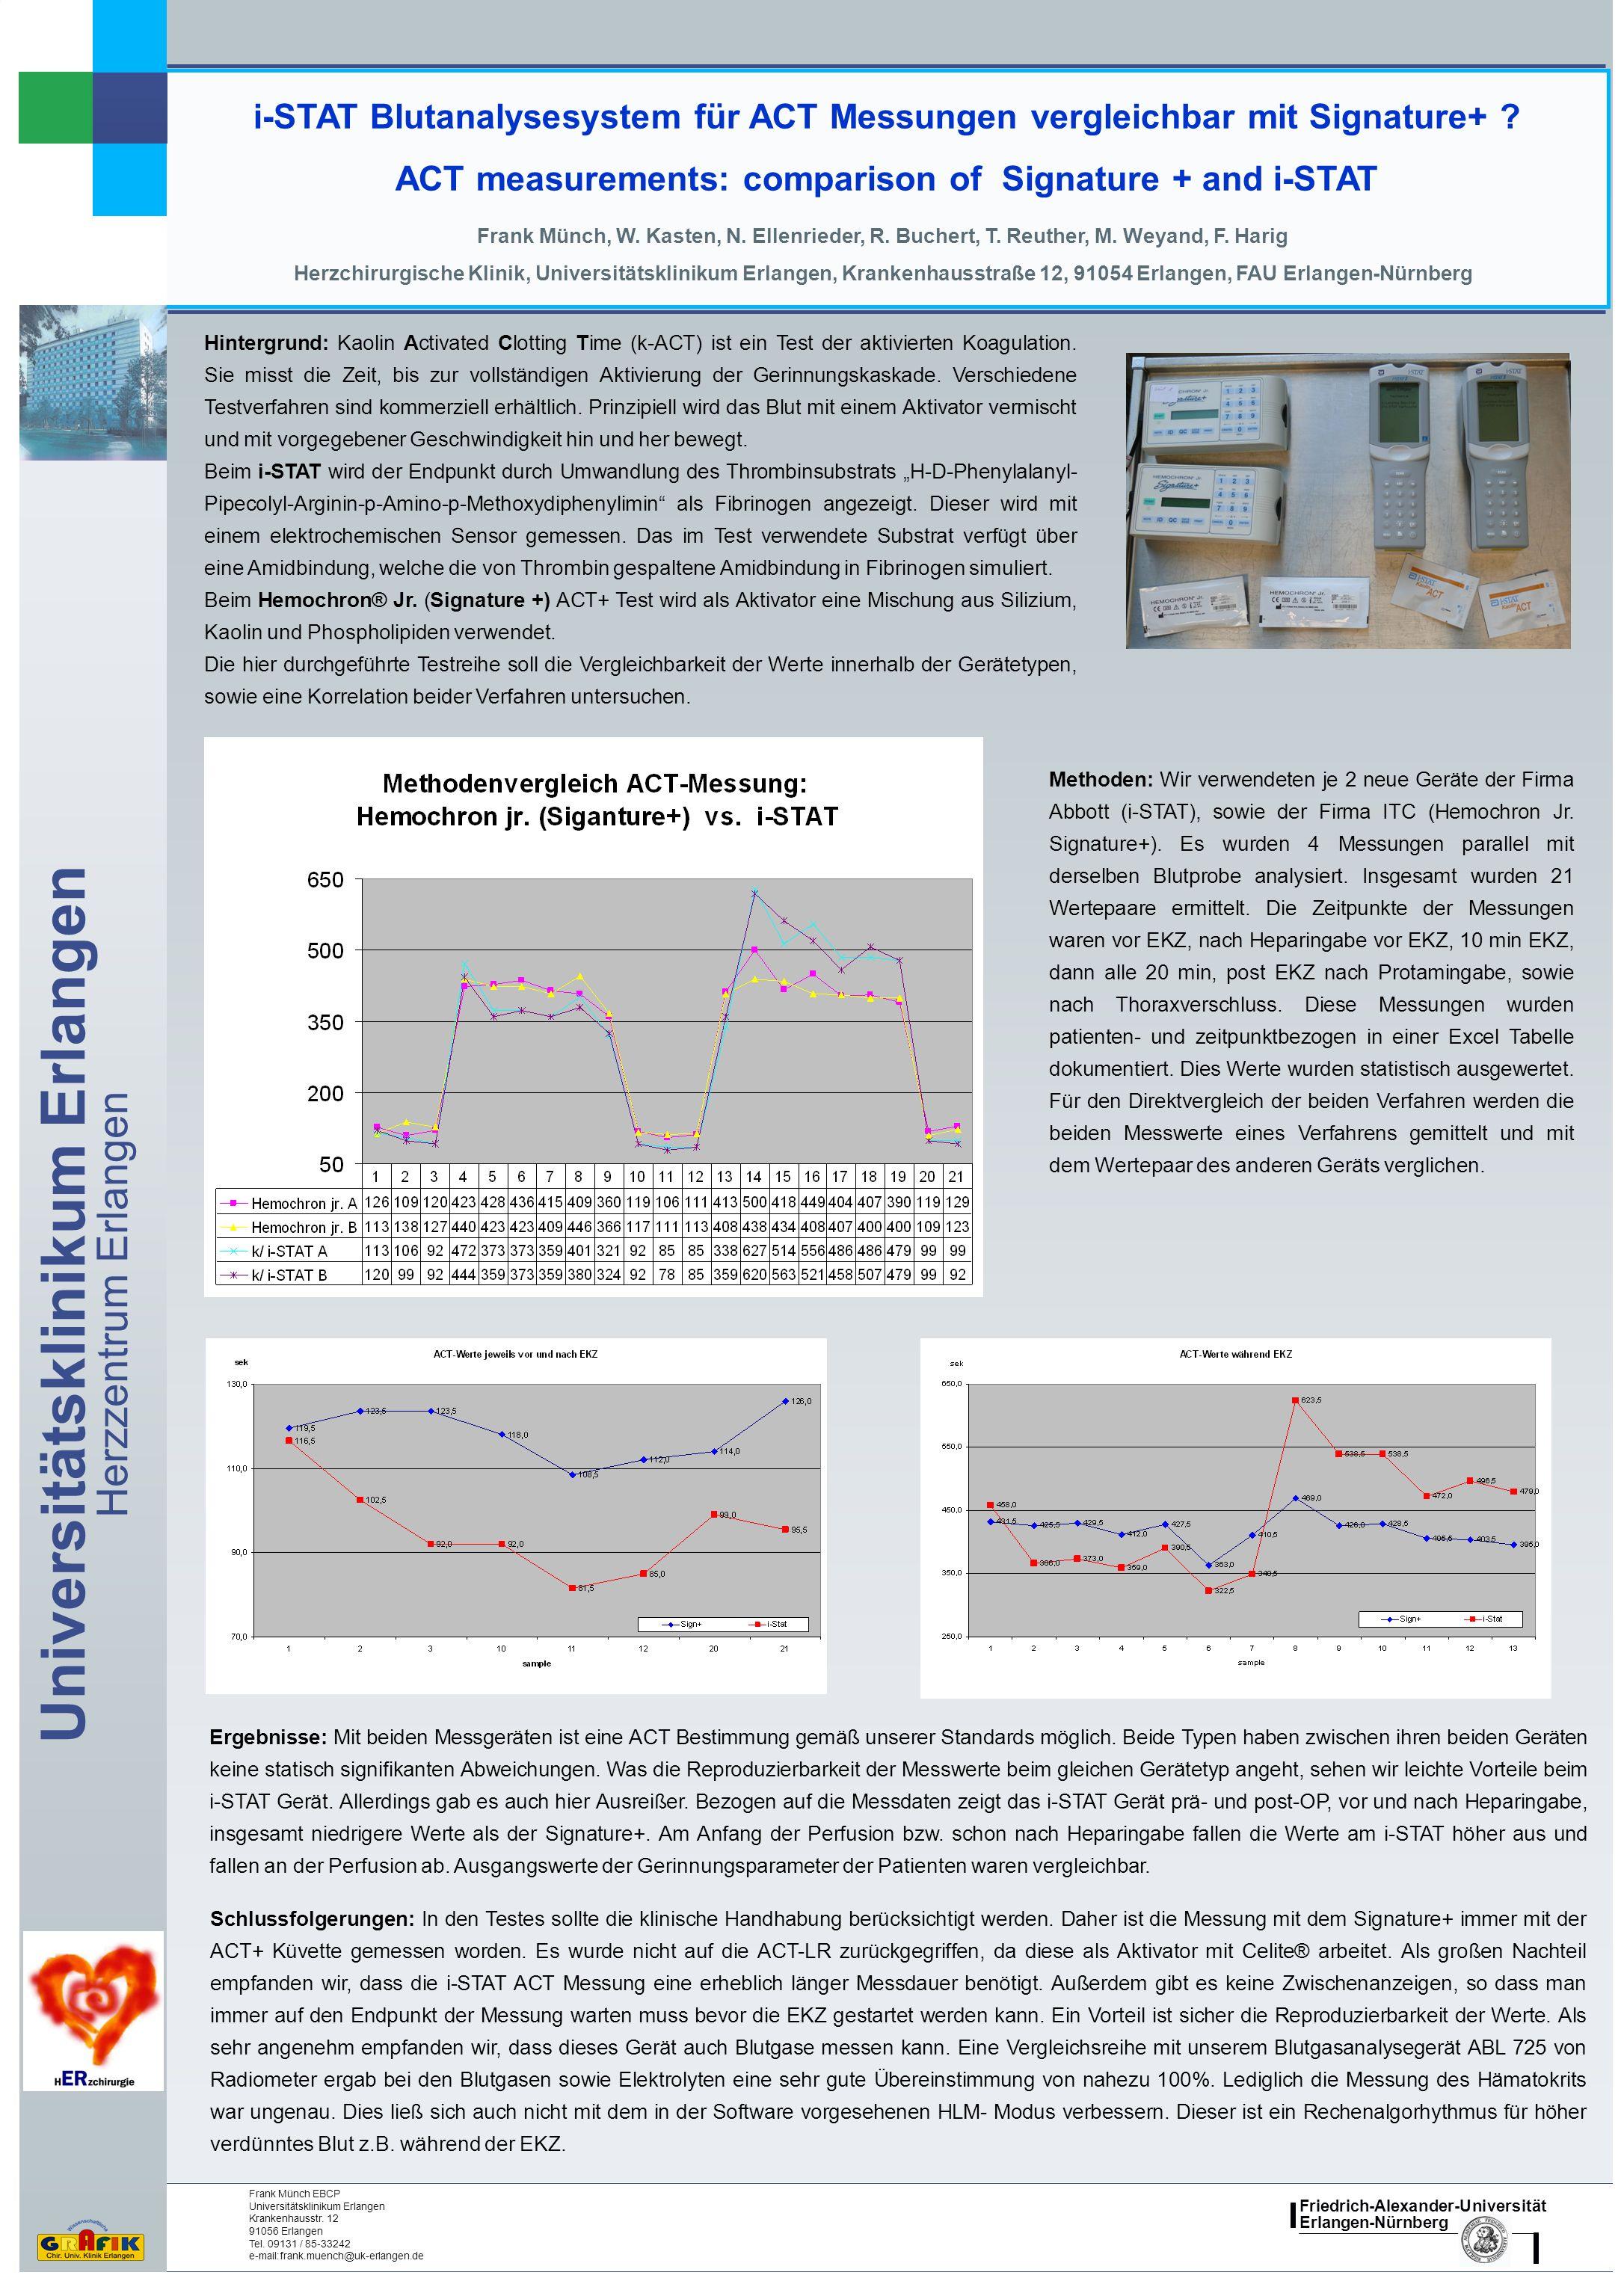 Friedrich-Alexander-Universität Erlangen-Nürnberg Universitätsklinikum Erlangen Herzzentrum Erlangen i-STAT Blutanalysesystem für ACT Messungen vergleichbar mit Signature+ .